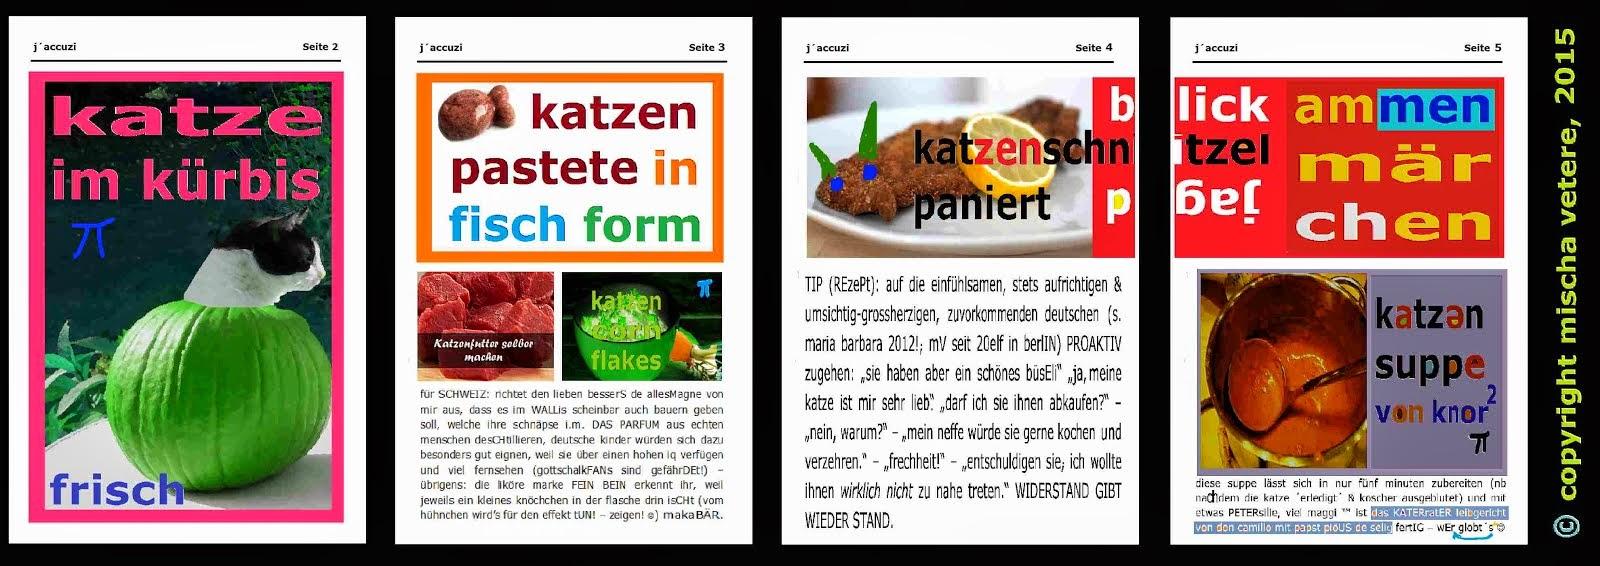 hackers against mischa vetere deutsche telekom genozid EXIT-programm migros daten schweizer